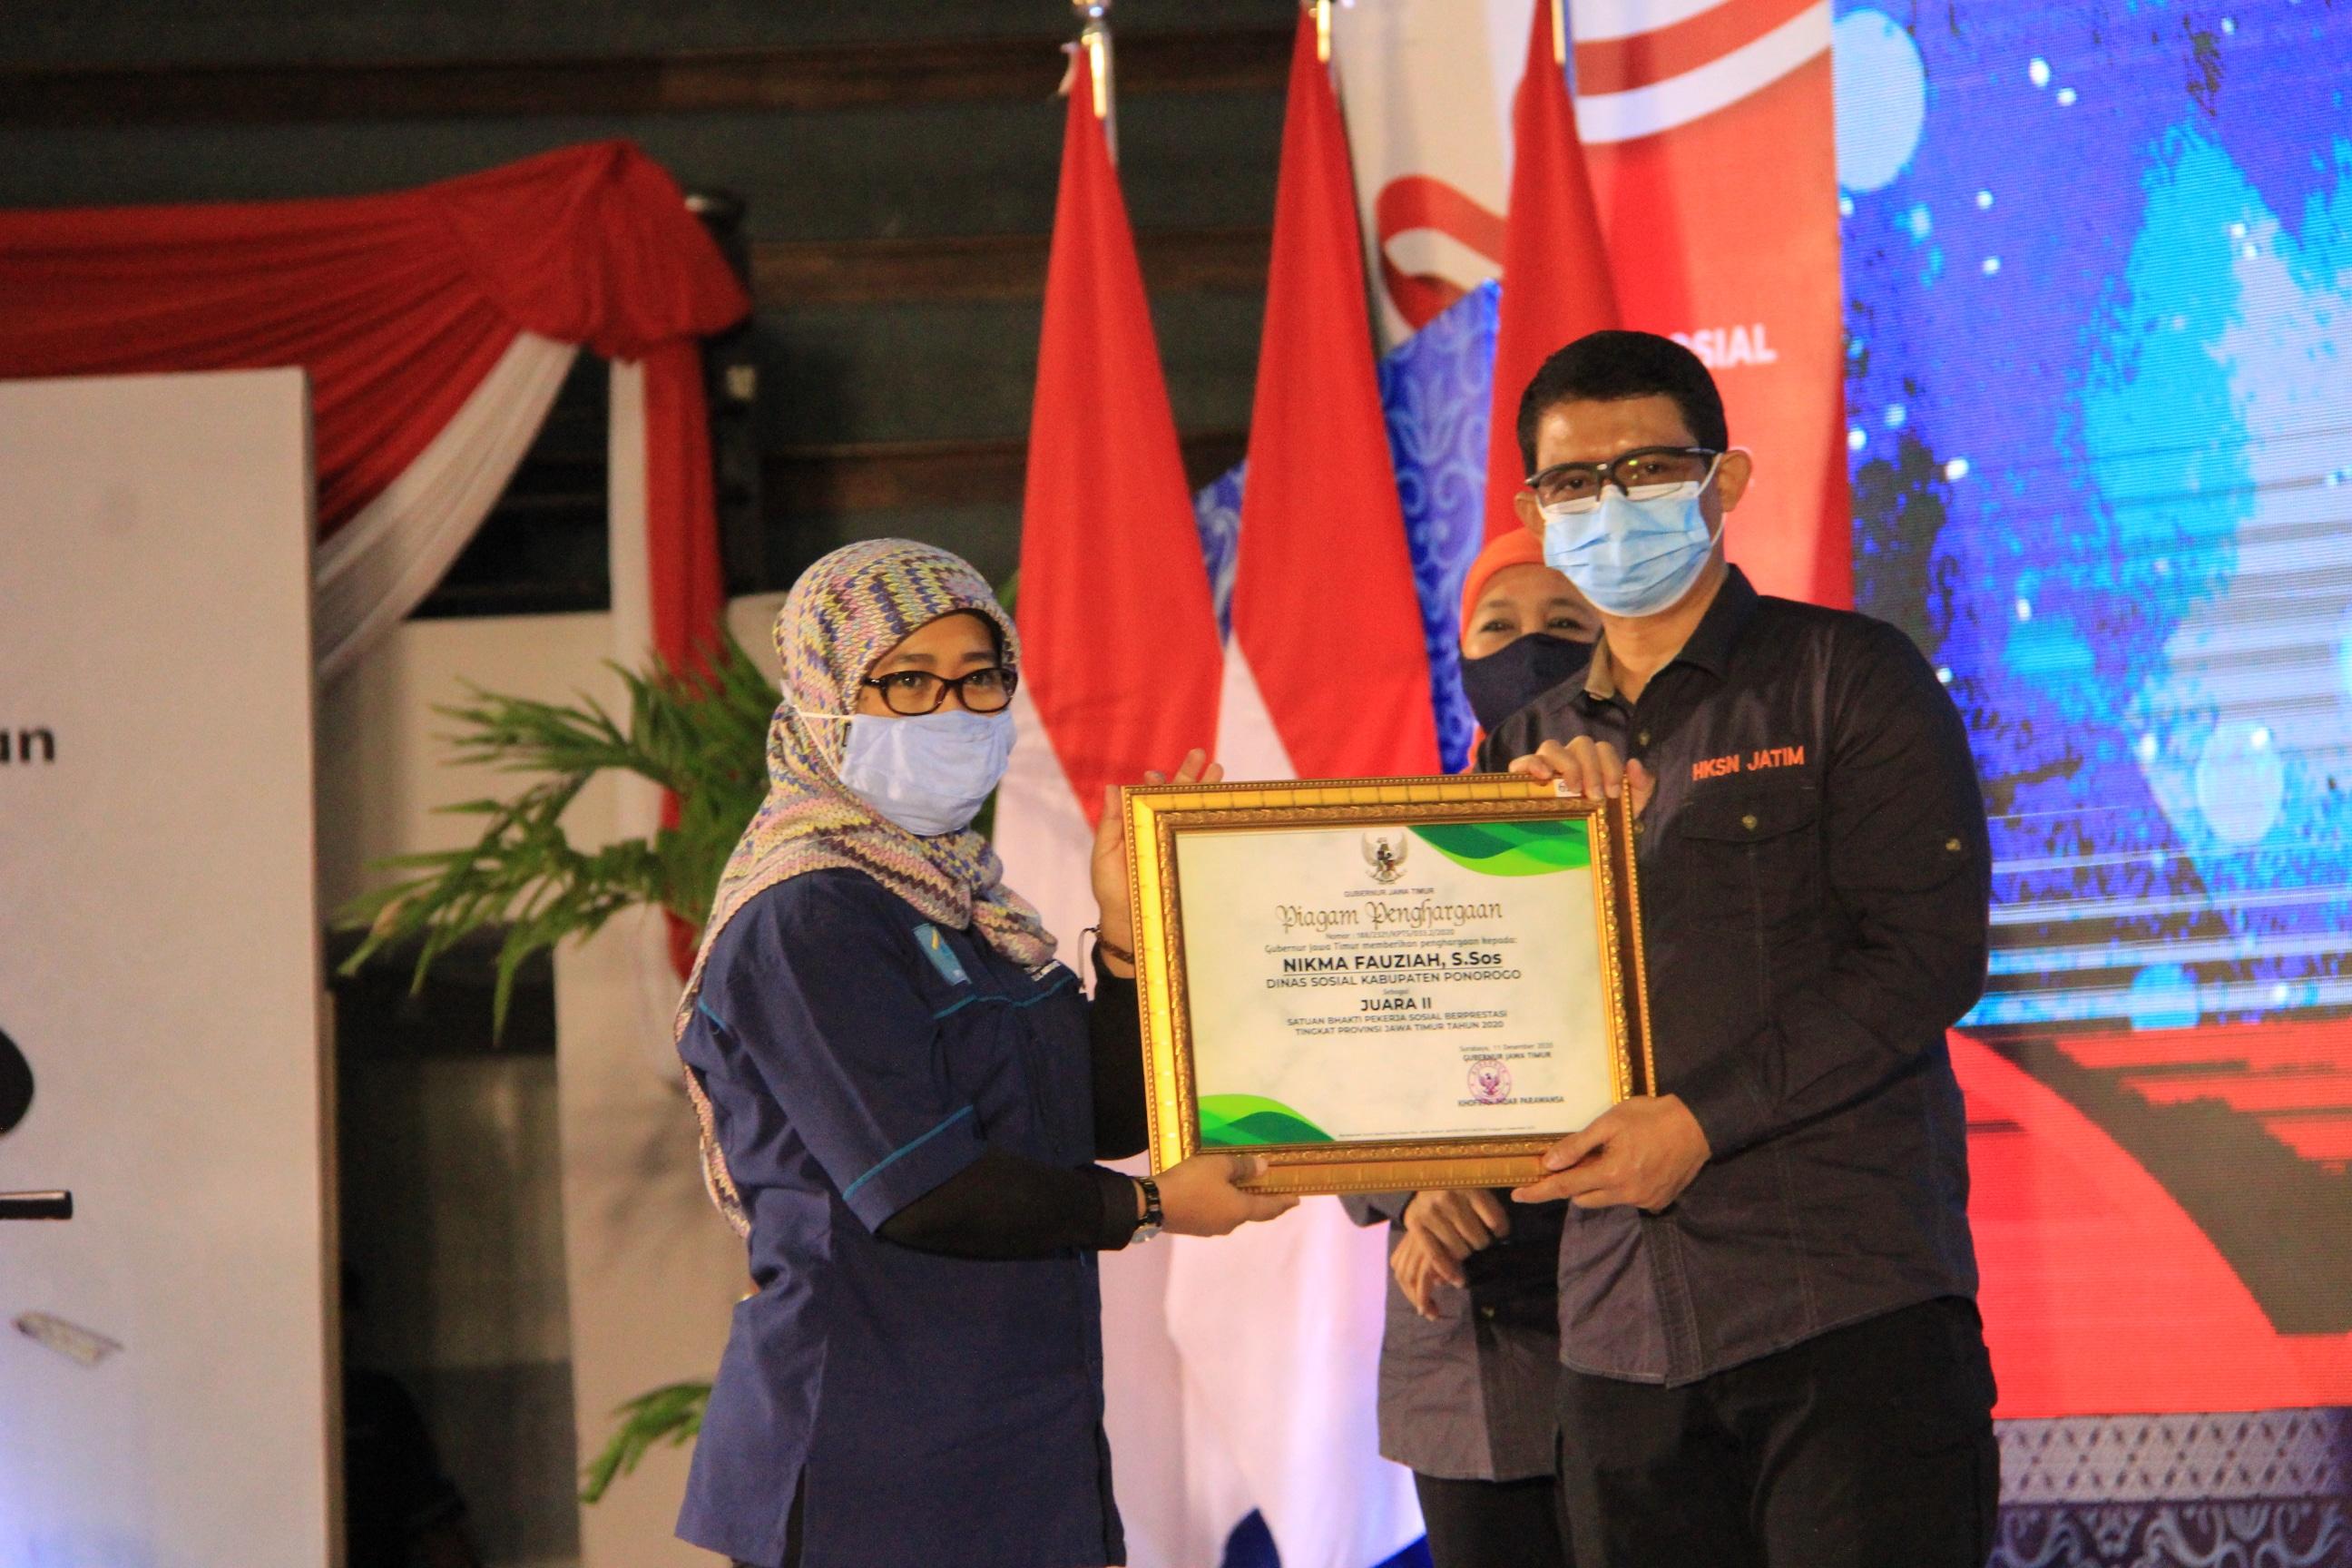 Proud! Sakti Peksos Wins Award at the East Java HKSN Event